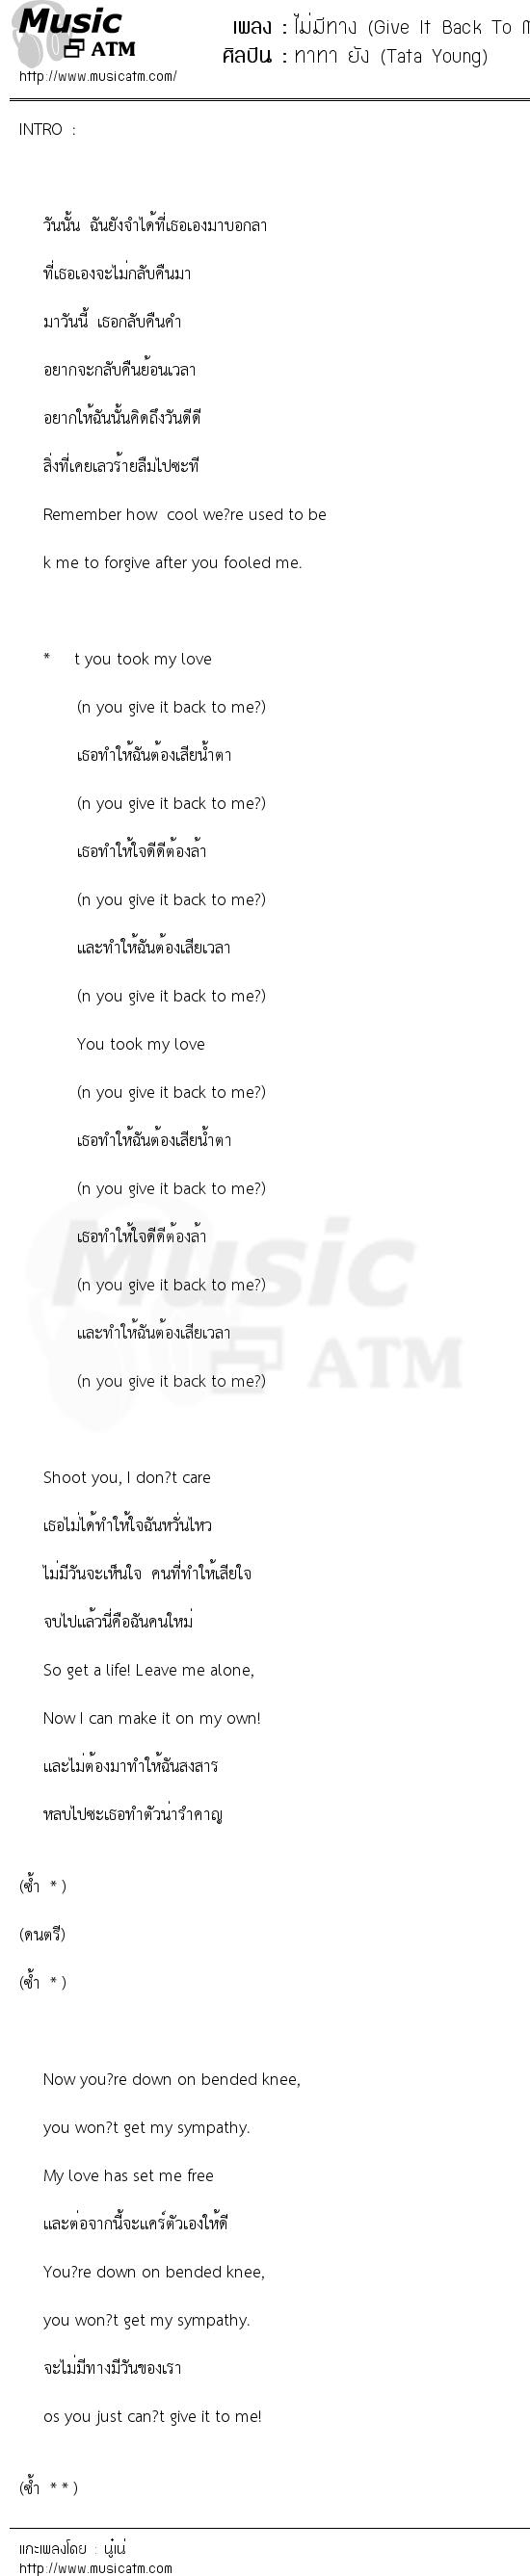 เนื้อเพลง ไม่มีทาง (Give It Back To Me) - ทาทา ยัง (Tata Young) | เพลงไทย